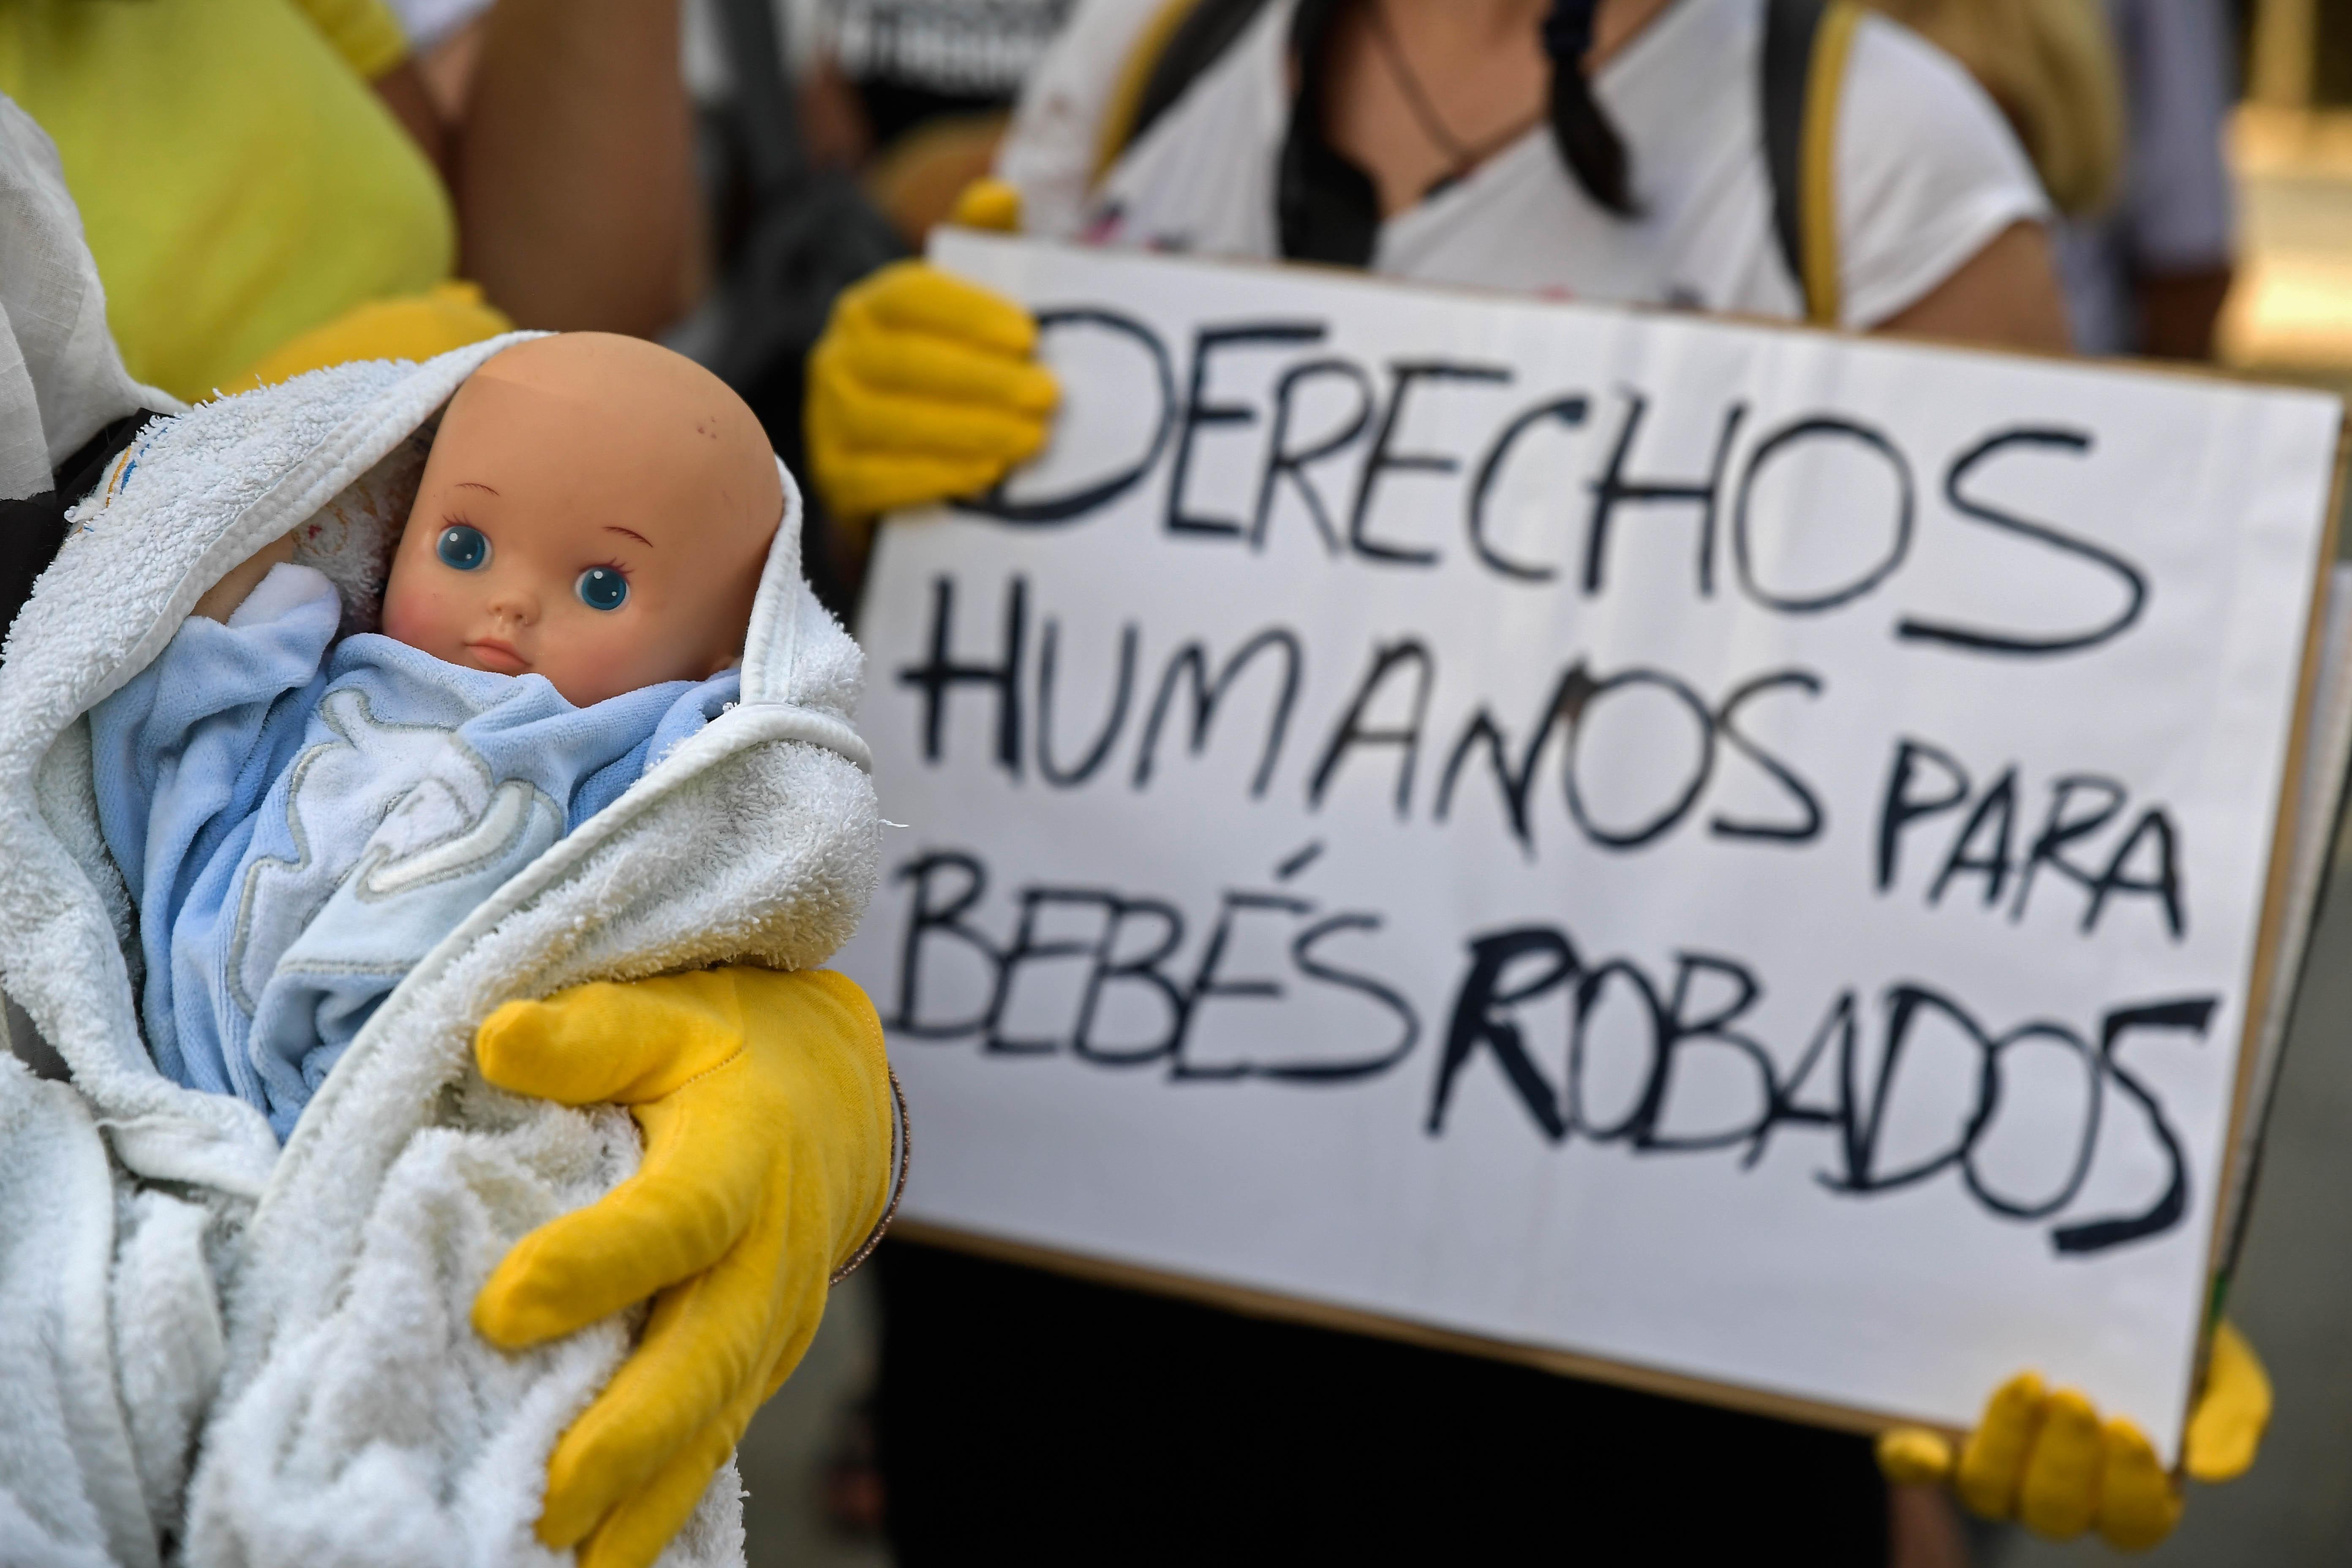 Nem kell felelnie tetteiért a spanyol nőgyógyásznak, aki újszülöttek ezreit rabolhatta el